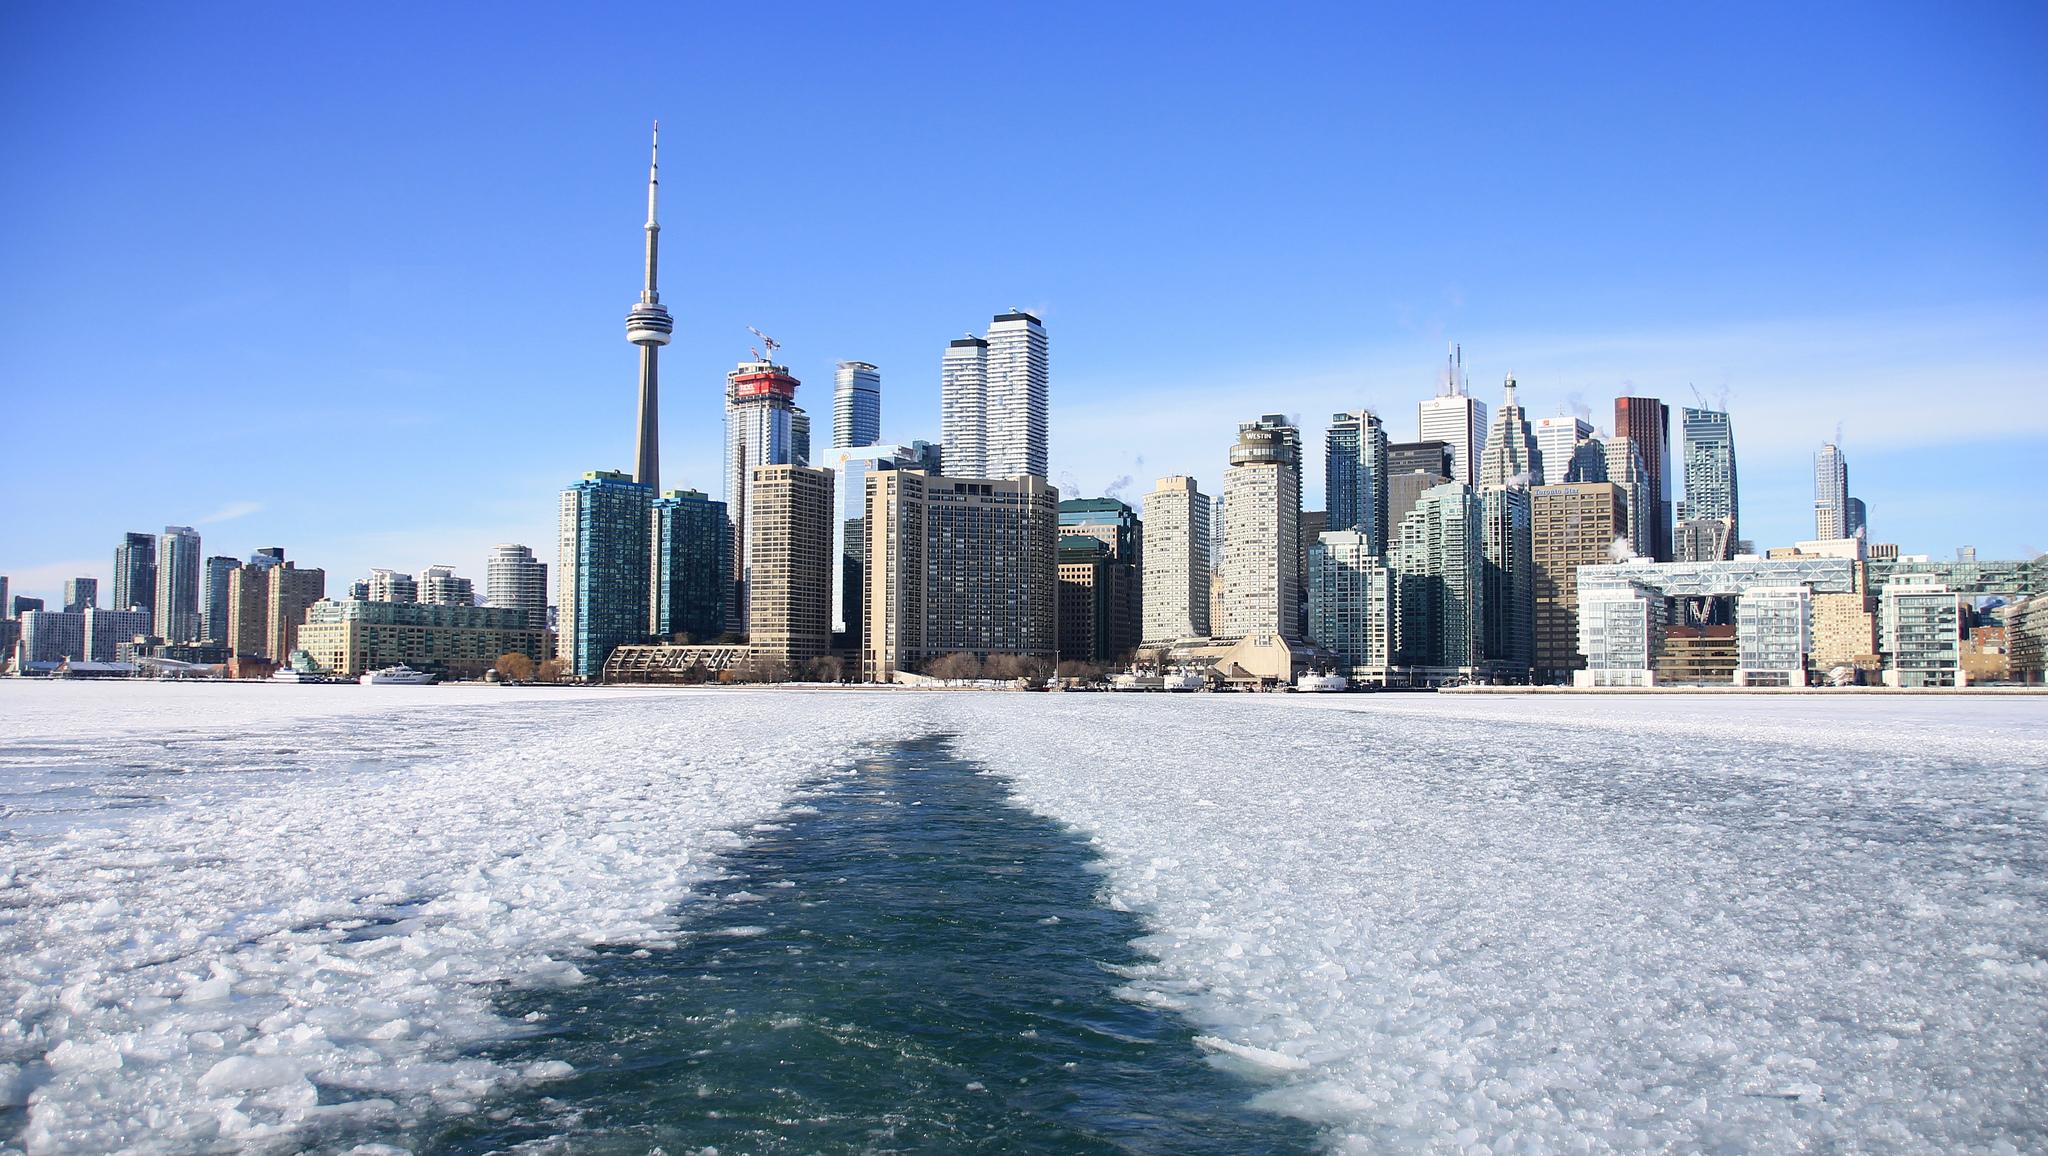 Toronto-Island-Park-by-Simon-Claus.jpg